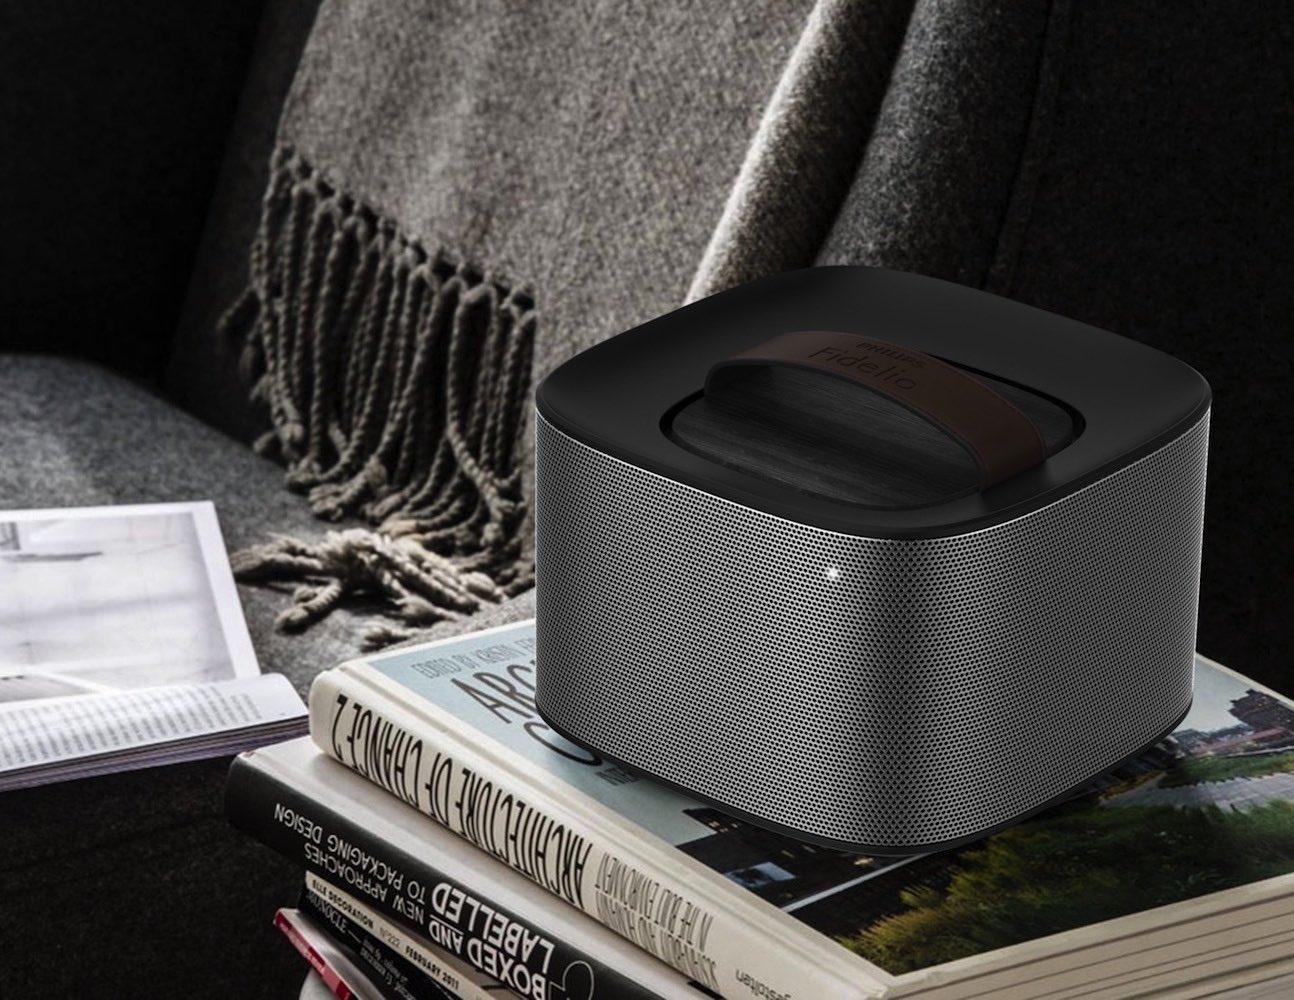 philips-fidelio-e6-wireless-speakers-stereo-to-surround-sound-in-seconds-02